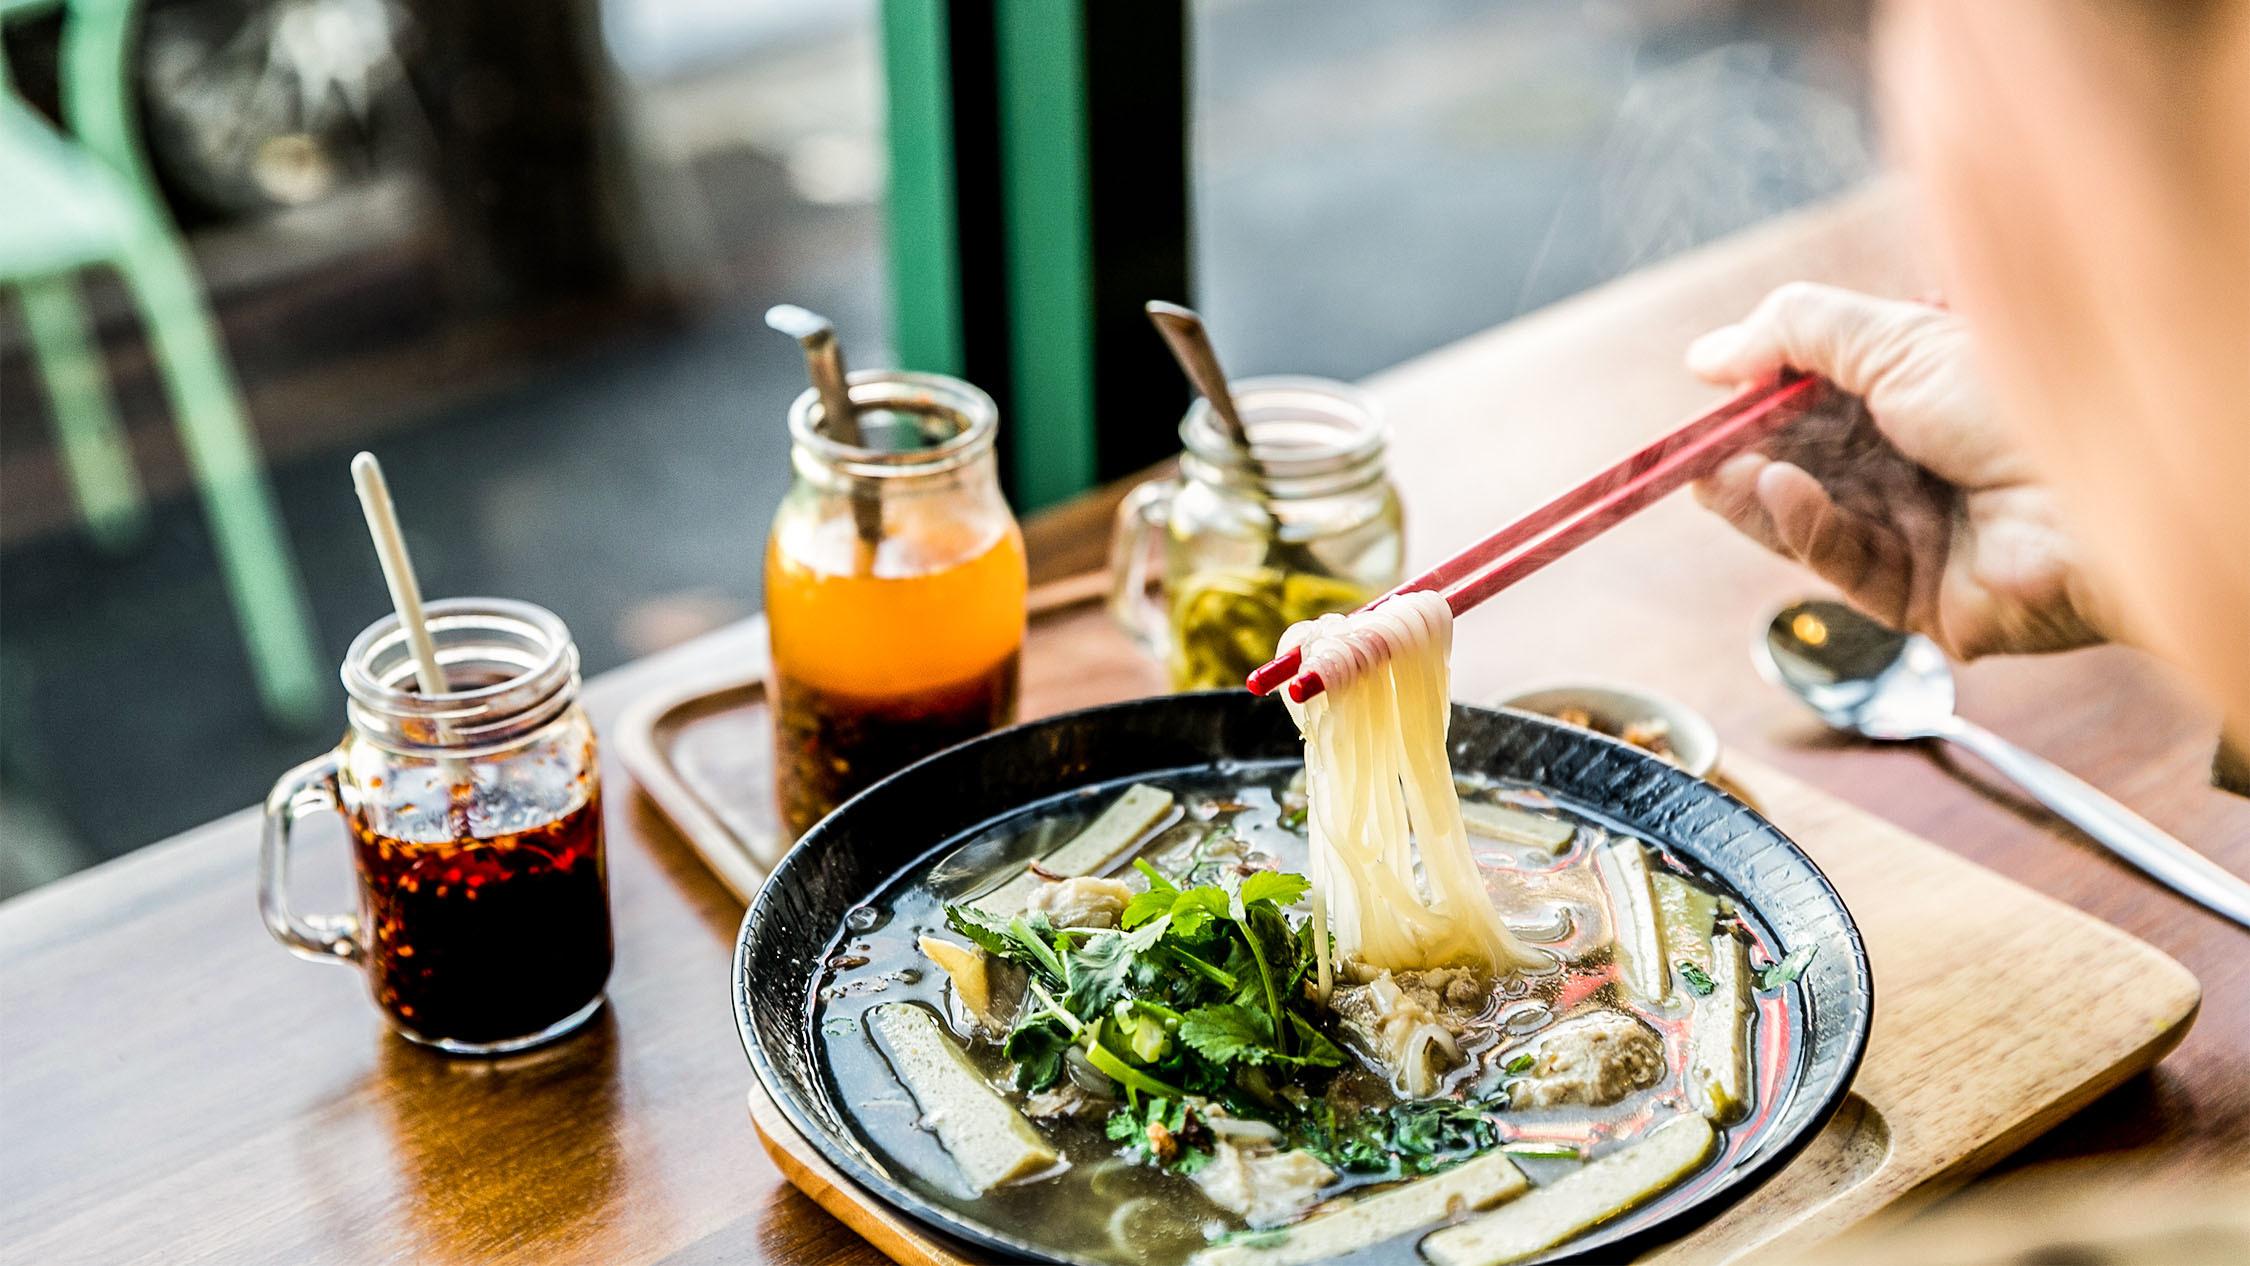 at Oneyada Thai Cafe